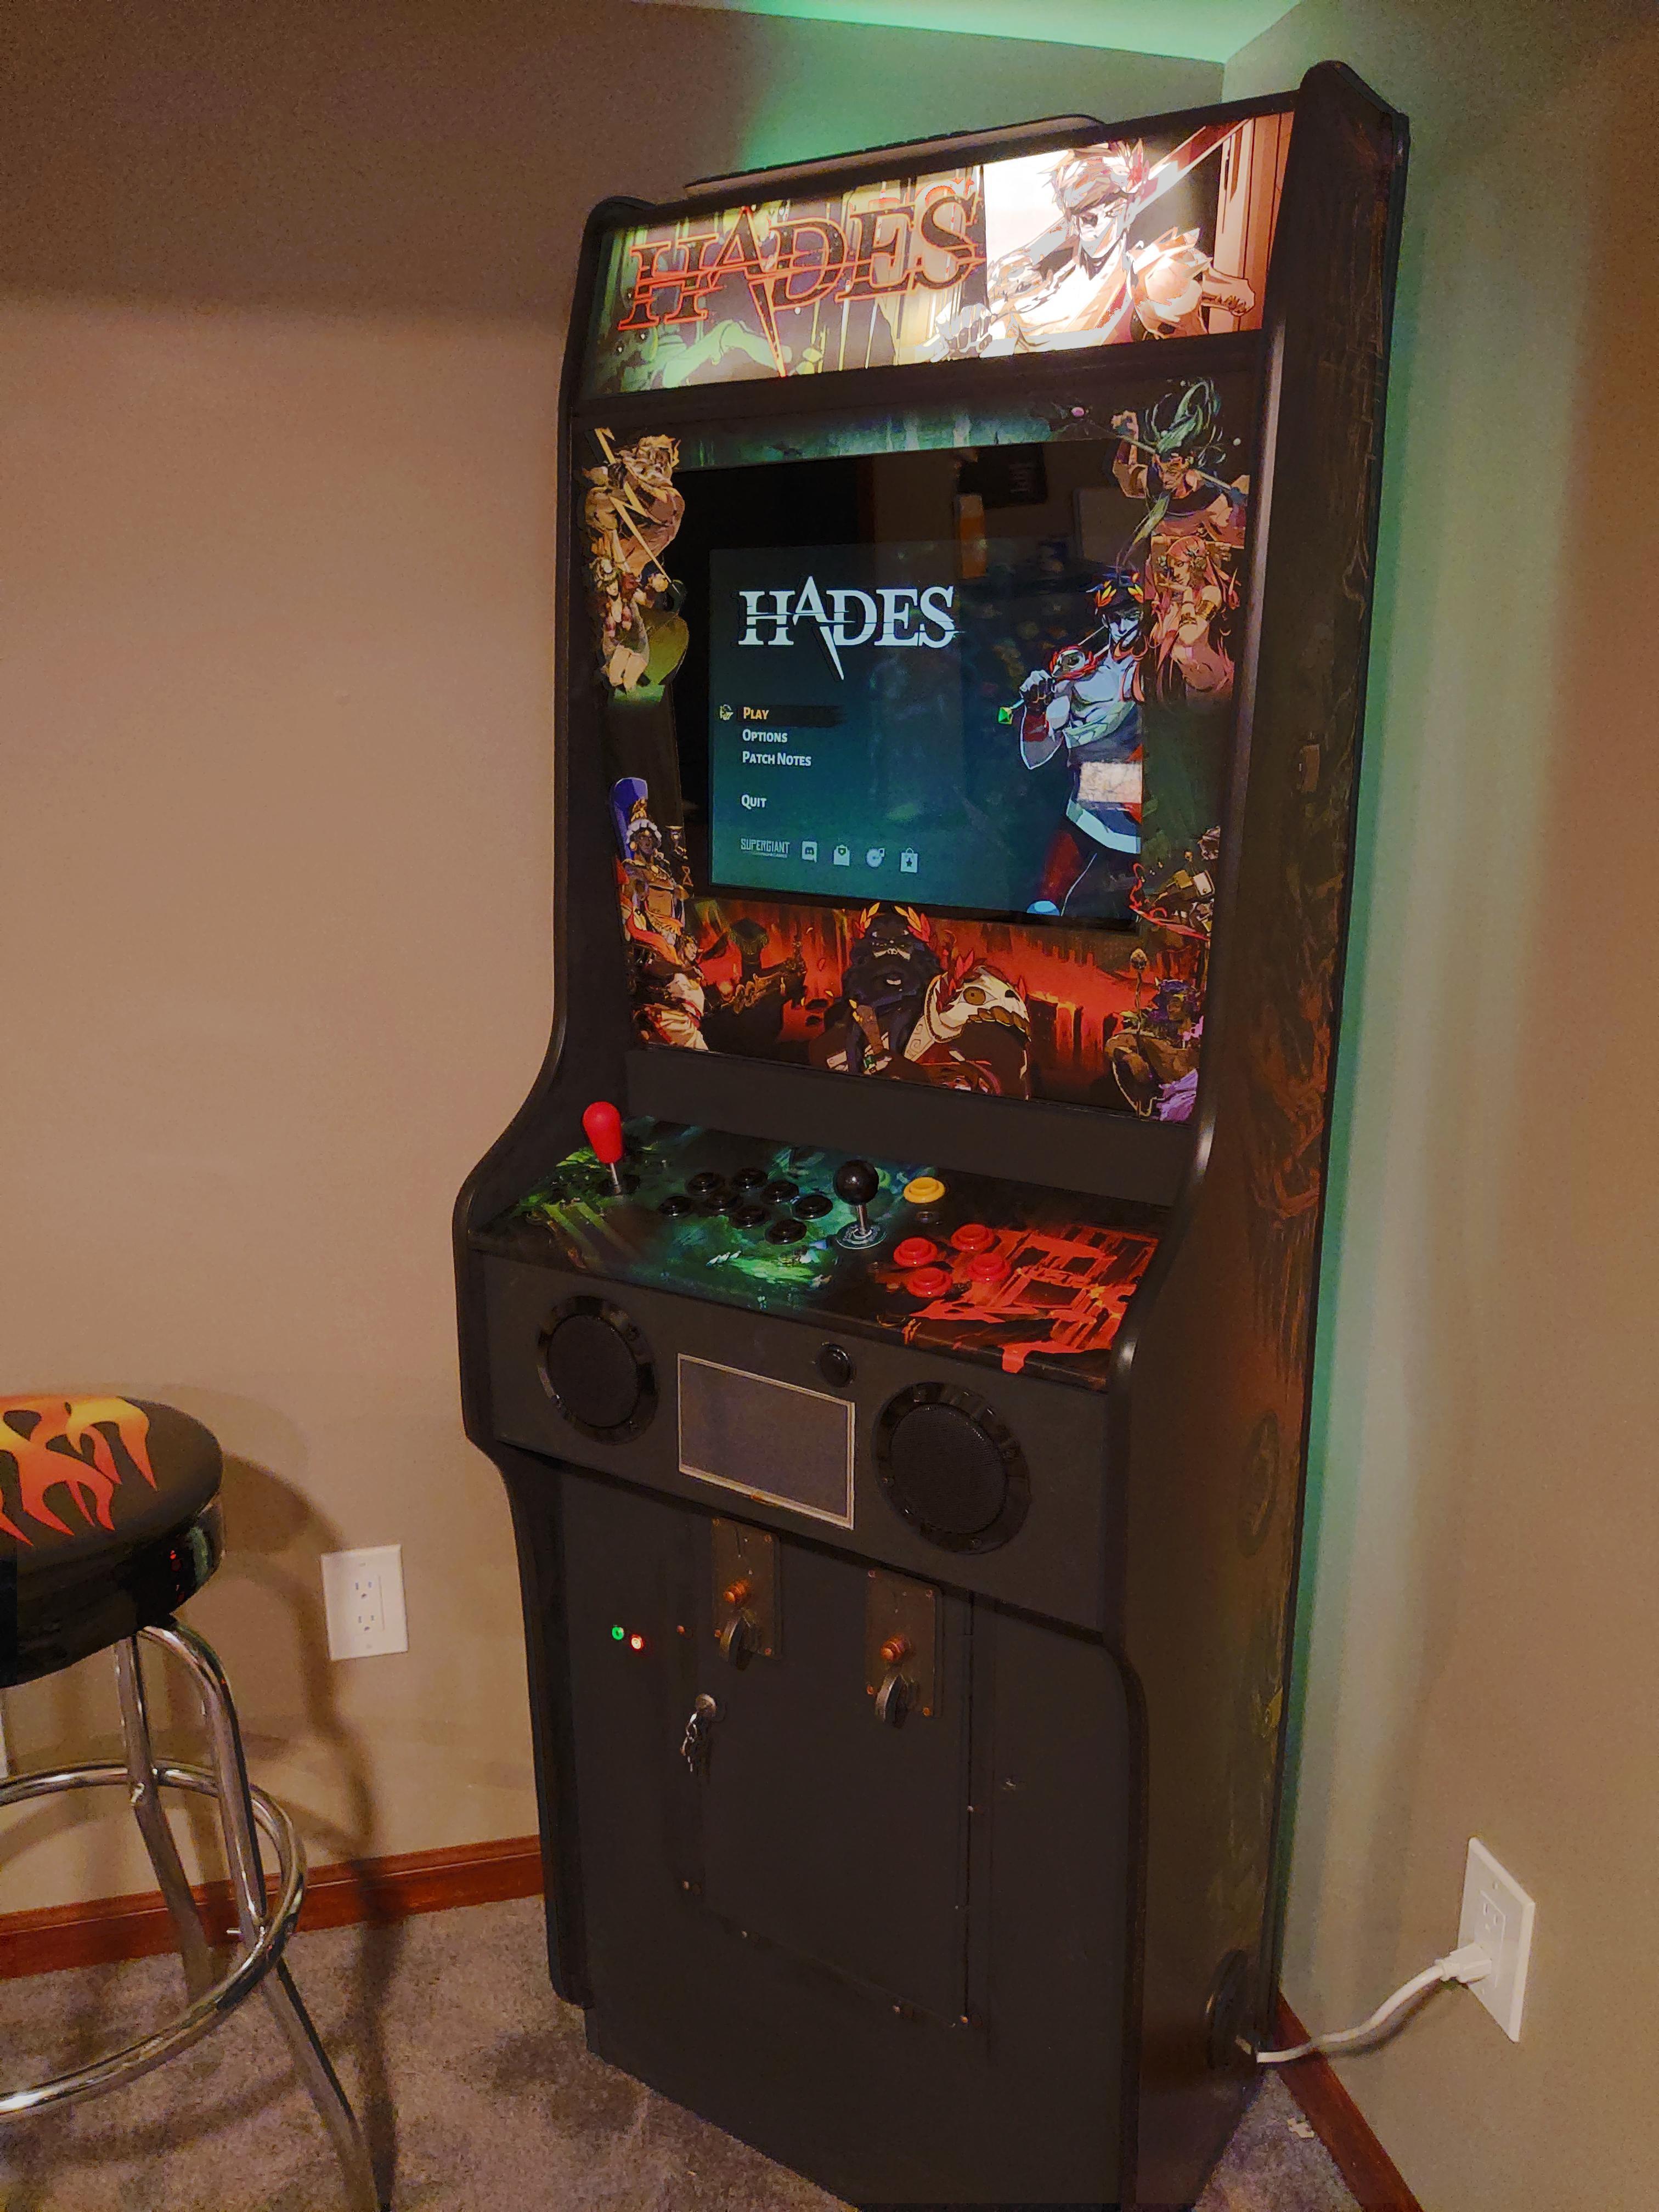 Энтузиаст сделал аркадный автомат для игры в Hades